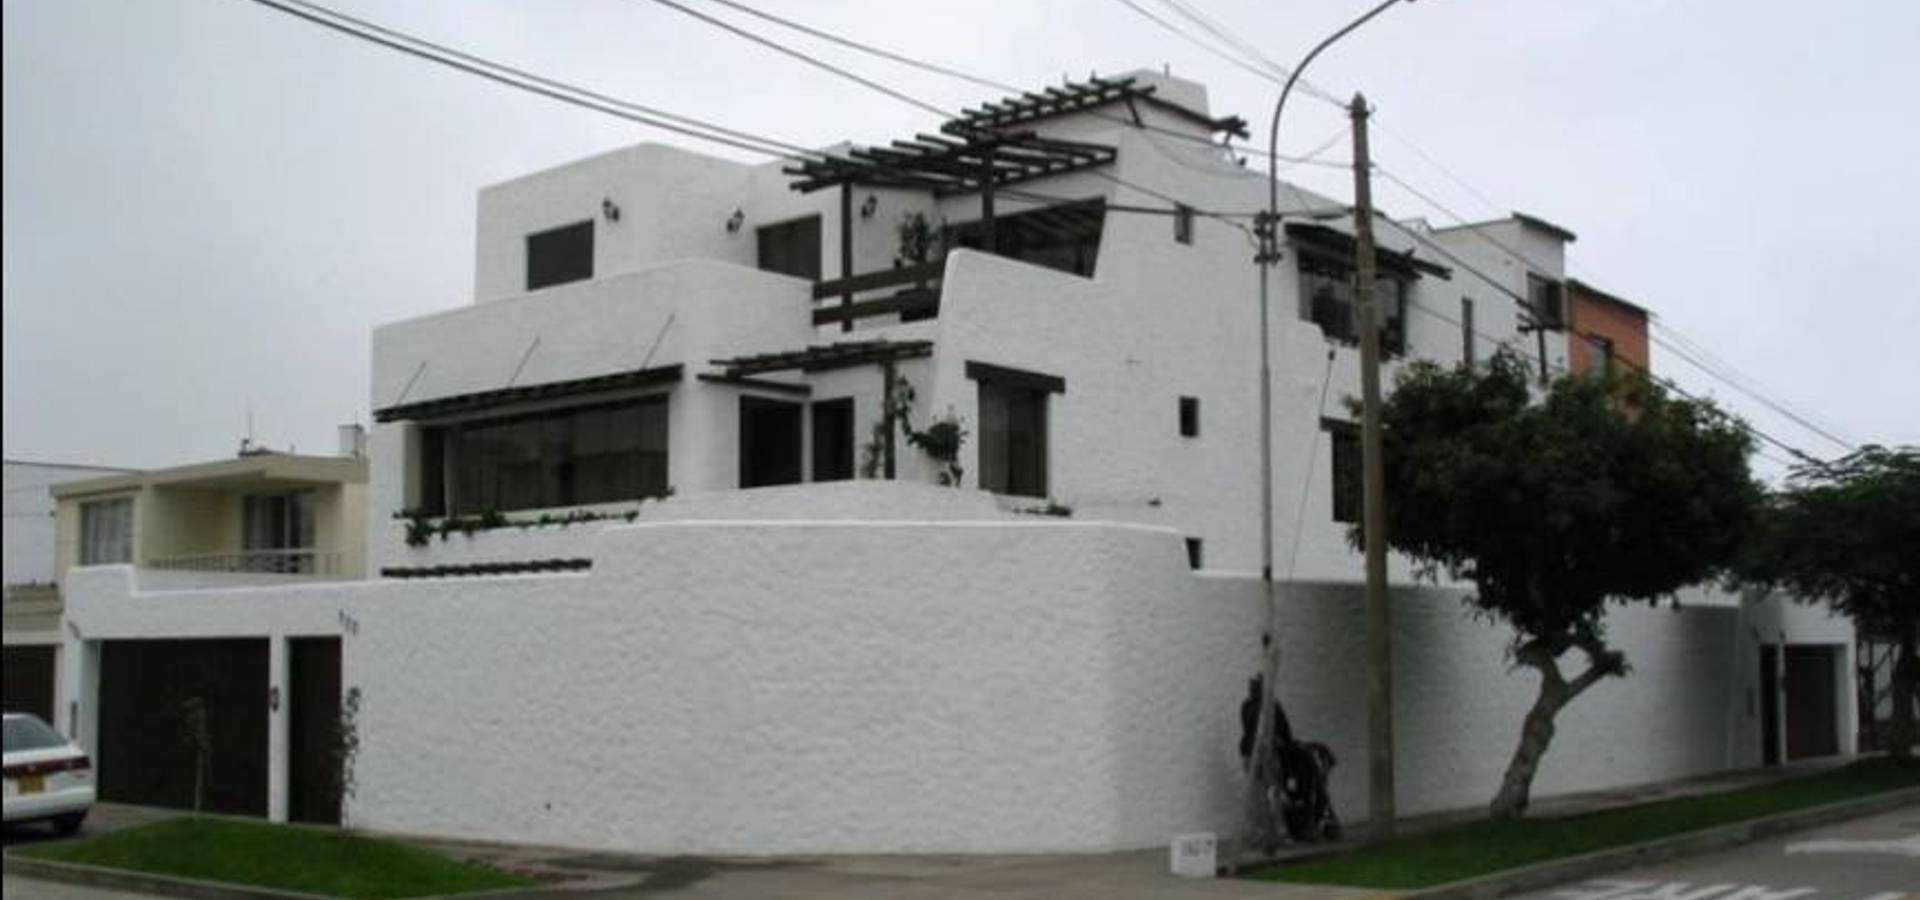 Antonio Milla De León Arquitecto